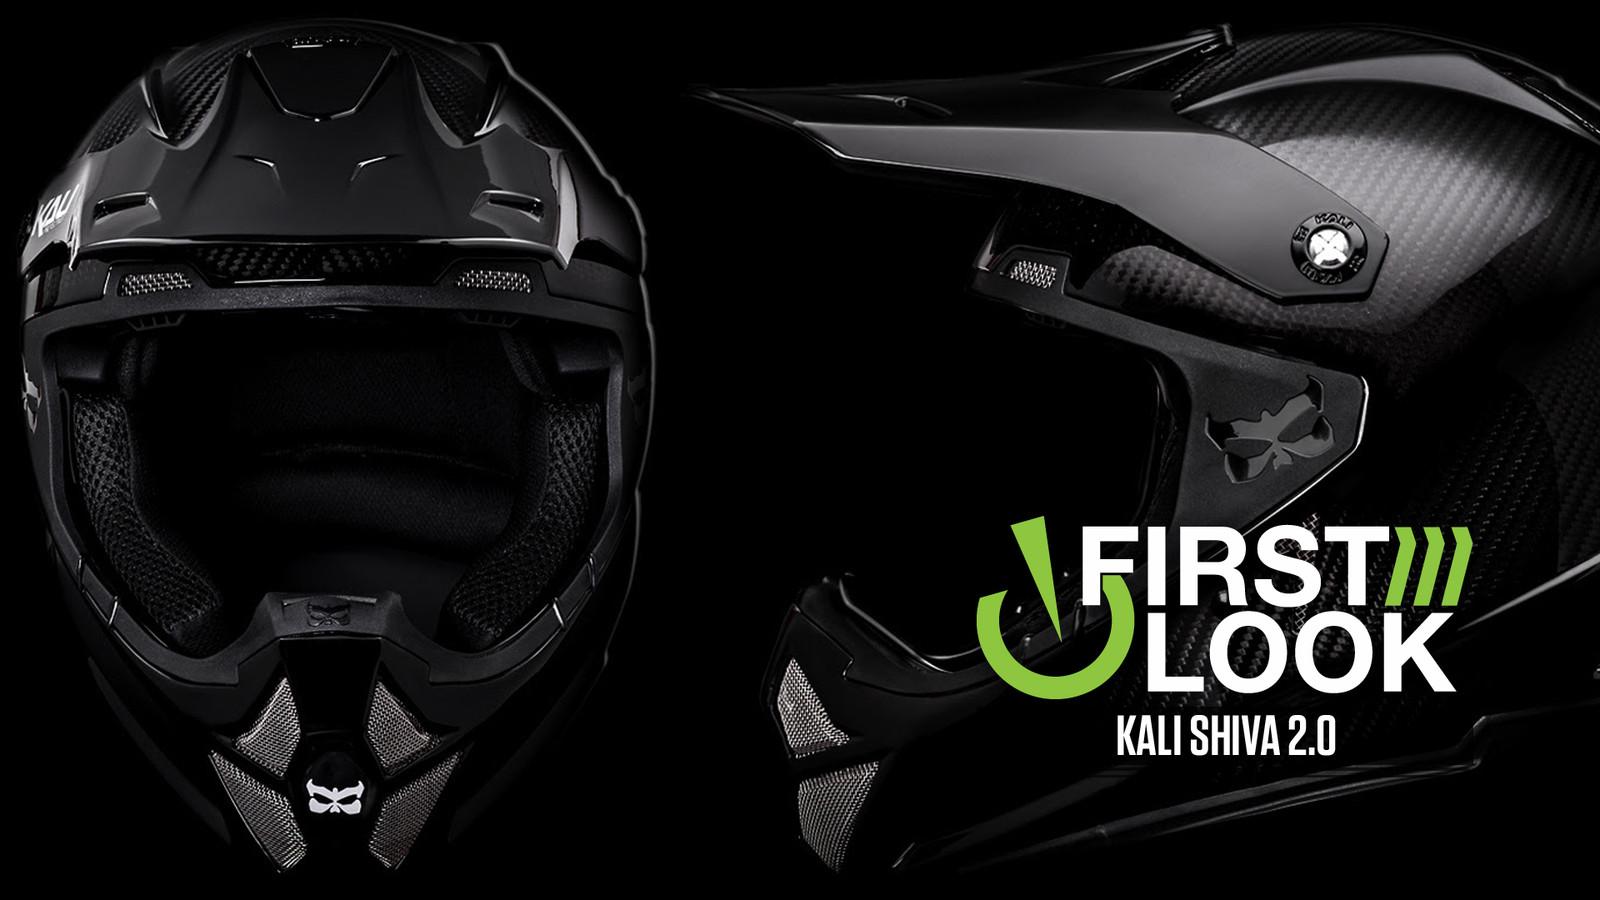 First Look: Kali Shiva 2.0 Full Face Helmet